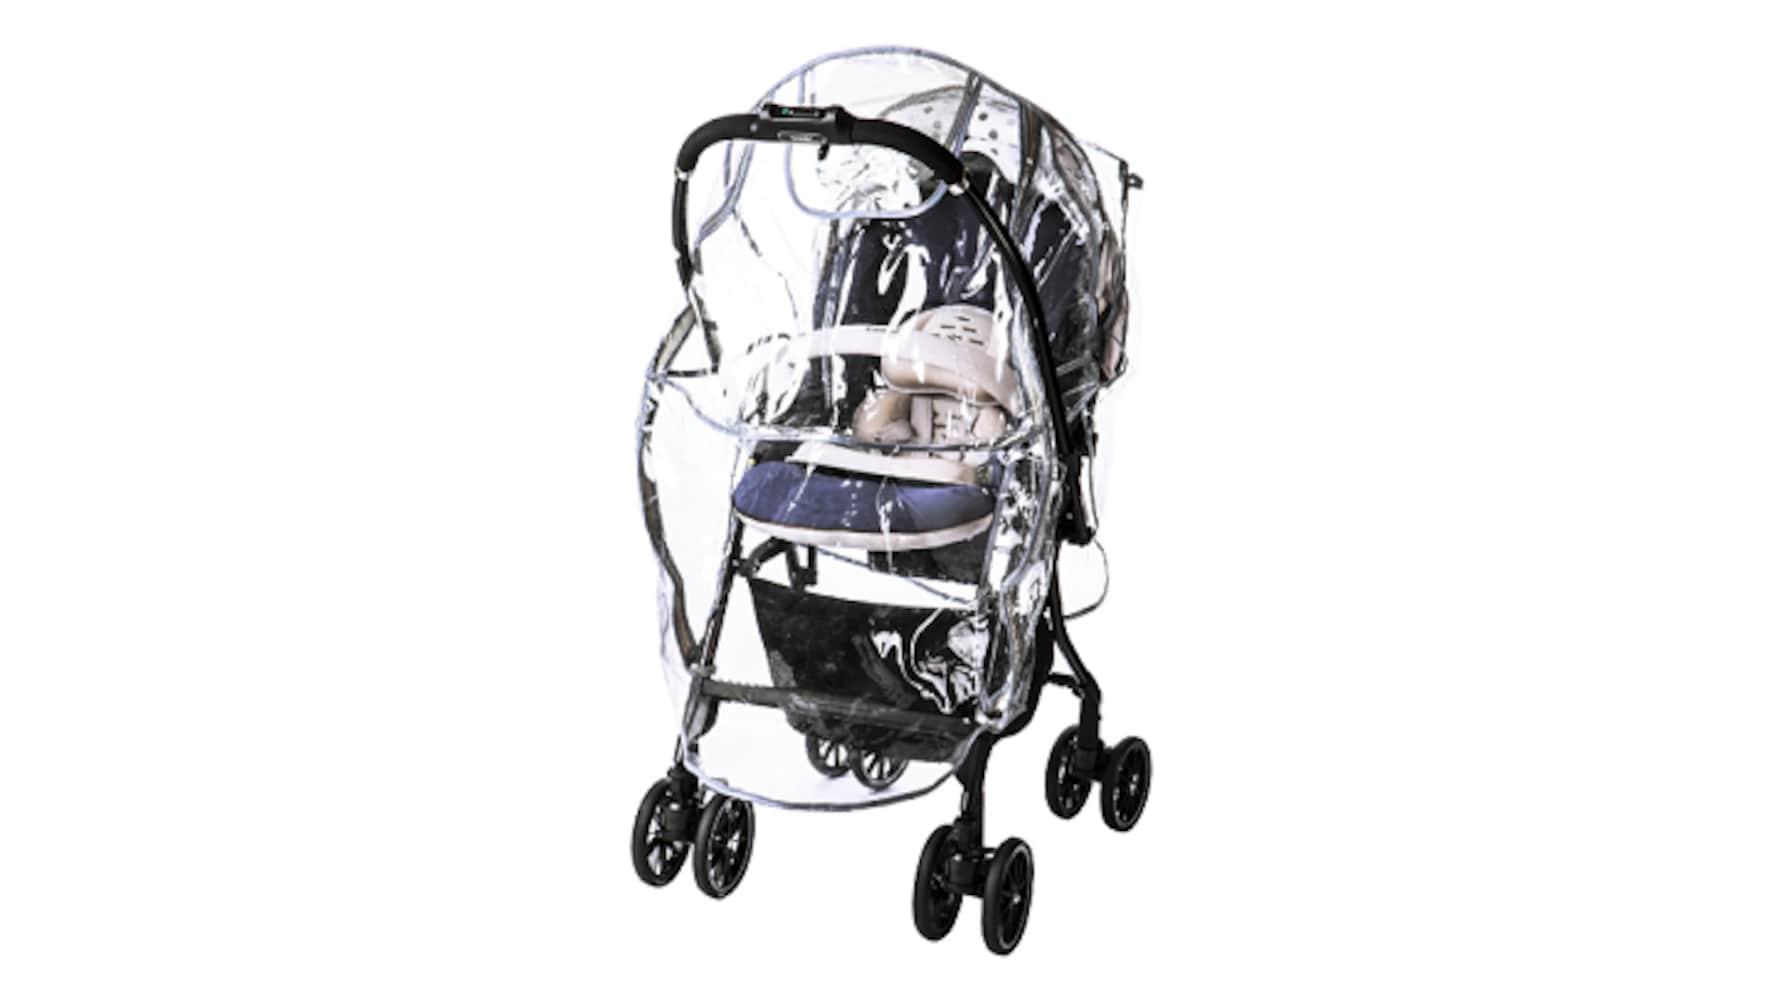 素材 クリア加工なら赤ちゃんをいつでも確認できて安心